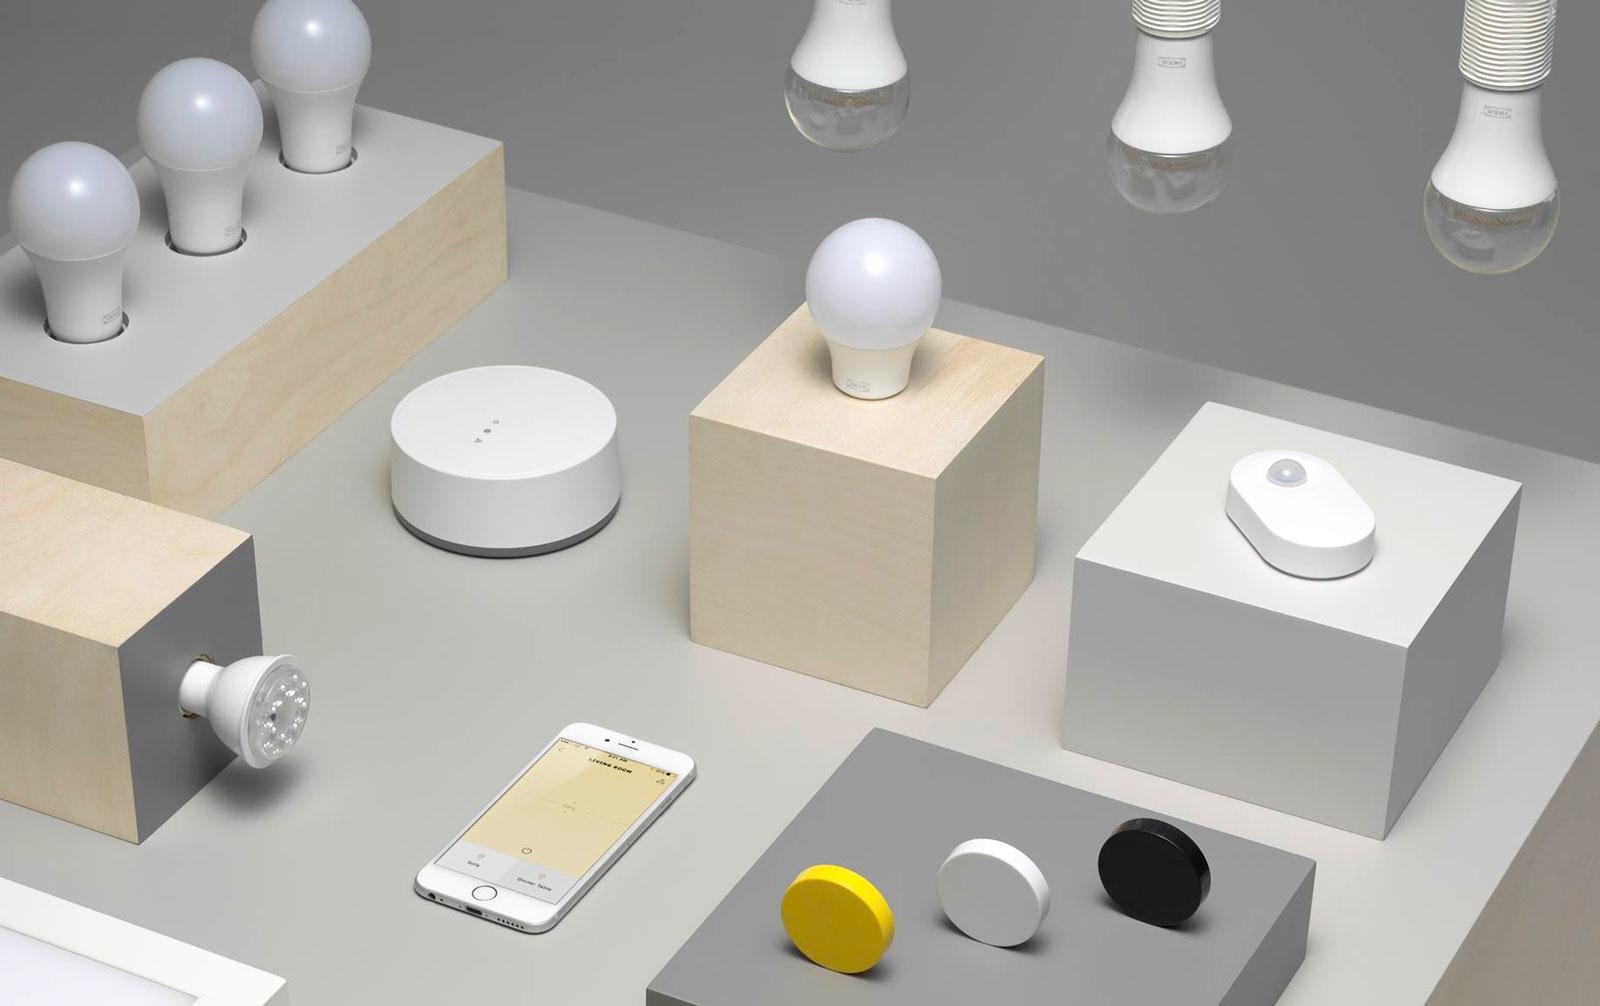 Nein, Ikeas TRÅDFRI Lampen sind noch nicht mit Apples Homekit, Google Home oder Alexa kompatibel